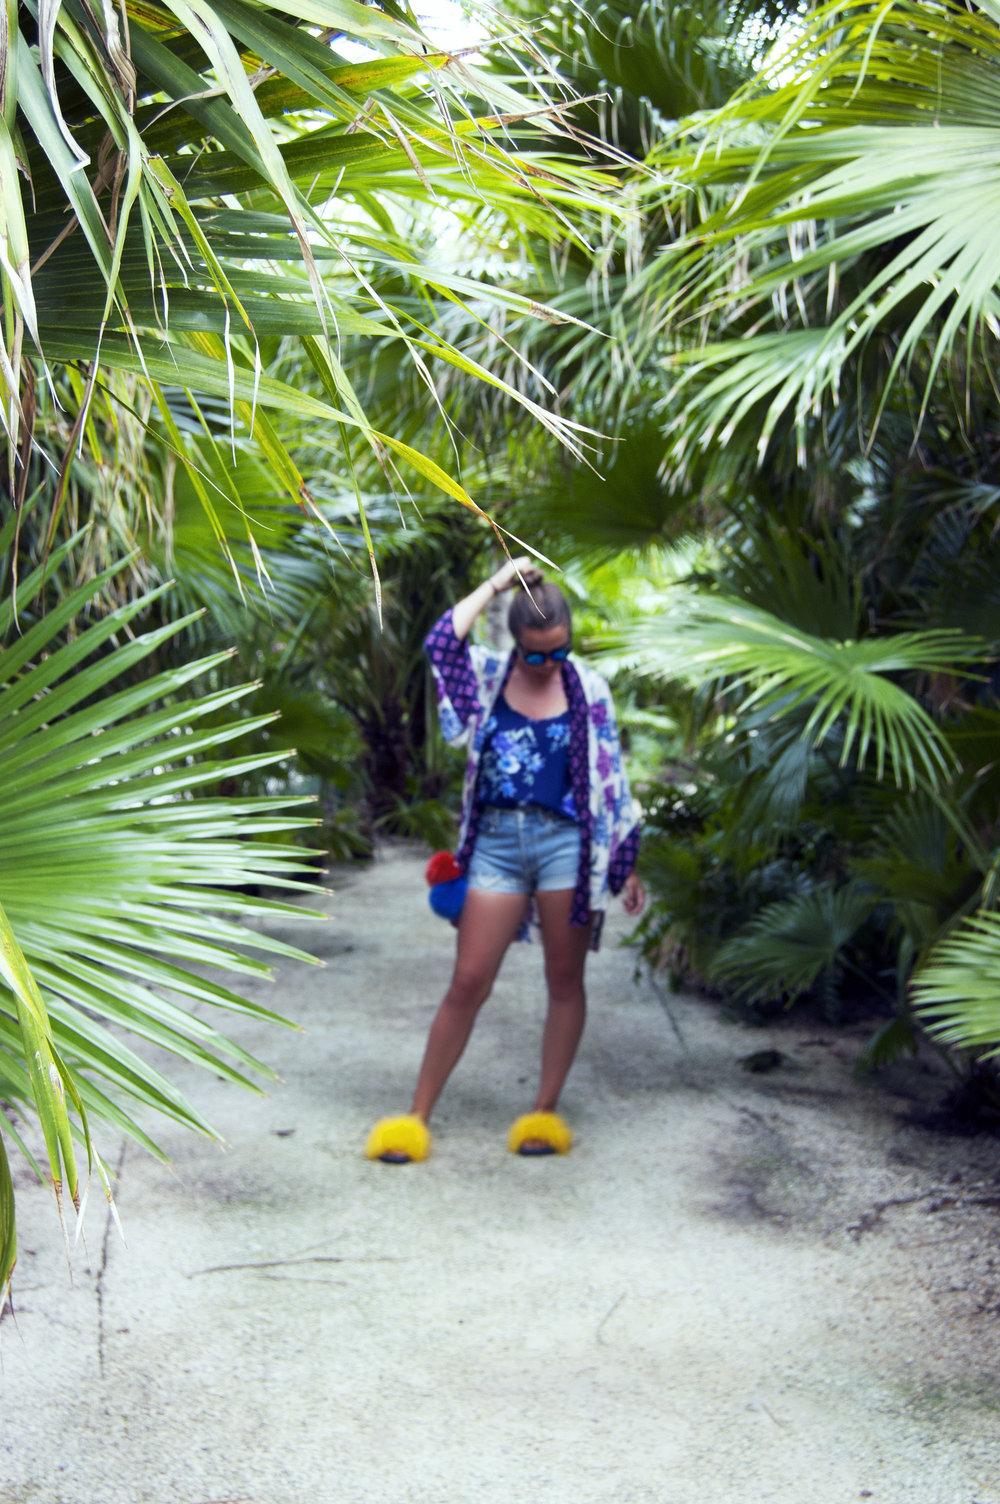 Palms and fashion